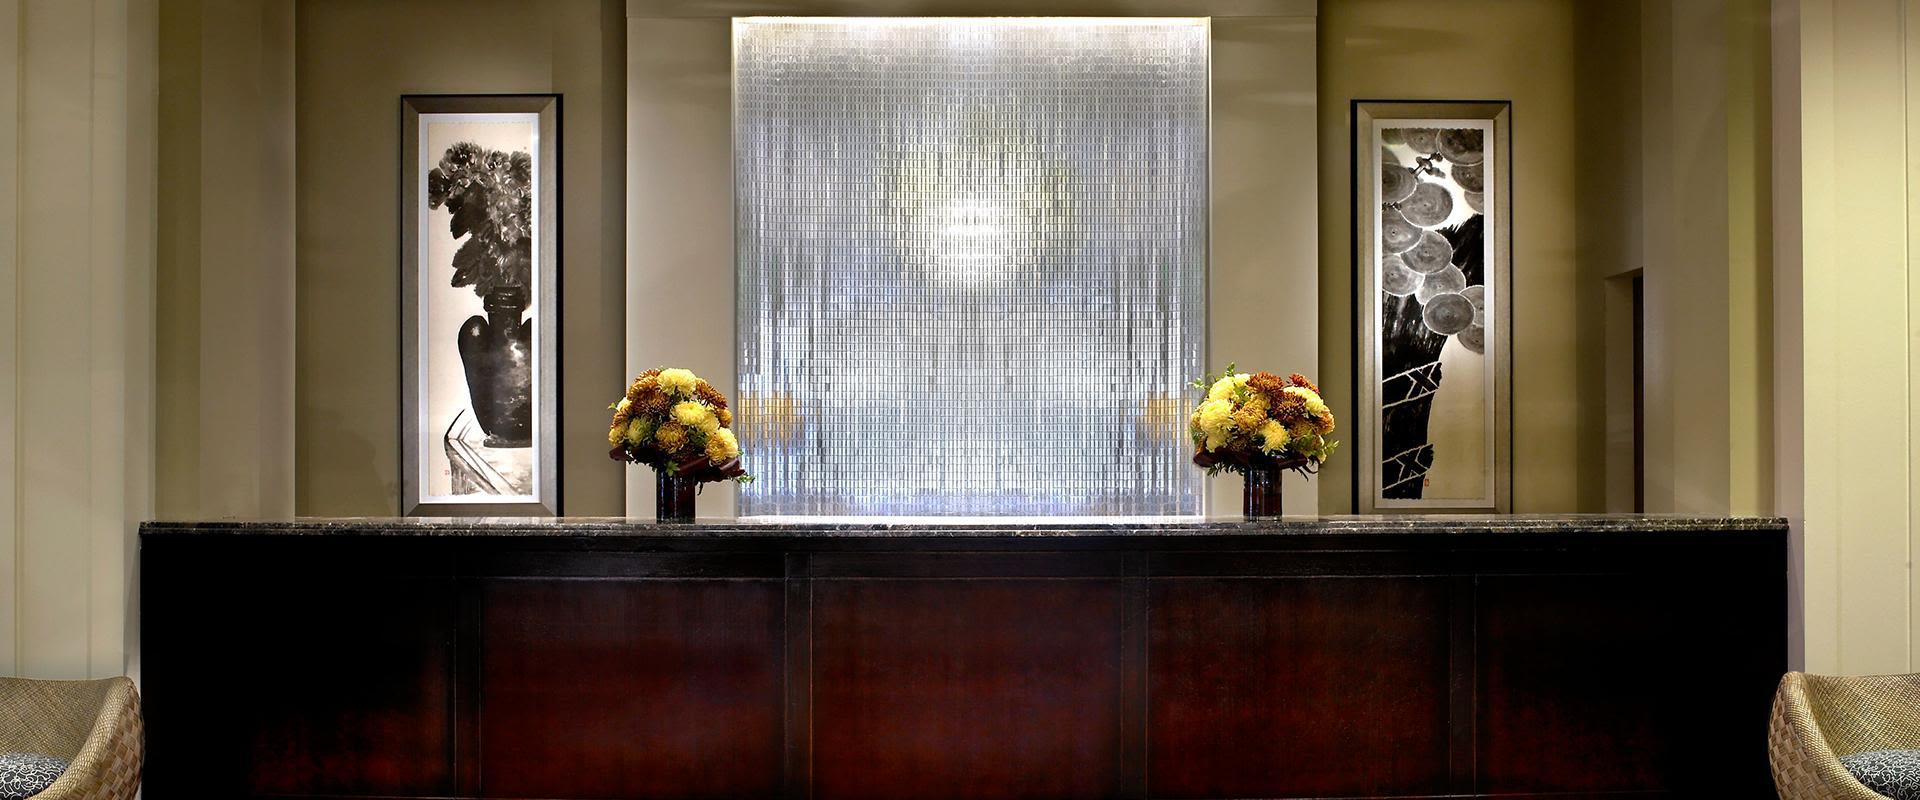 Downtown Seattle Hotel Reception Desk